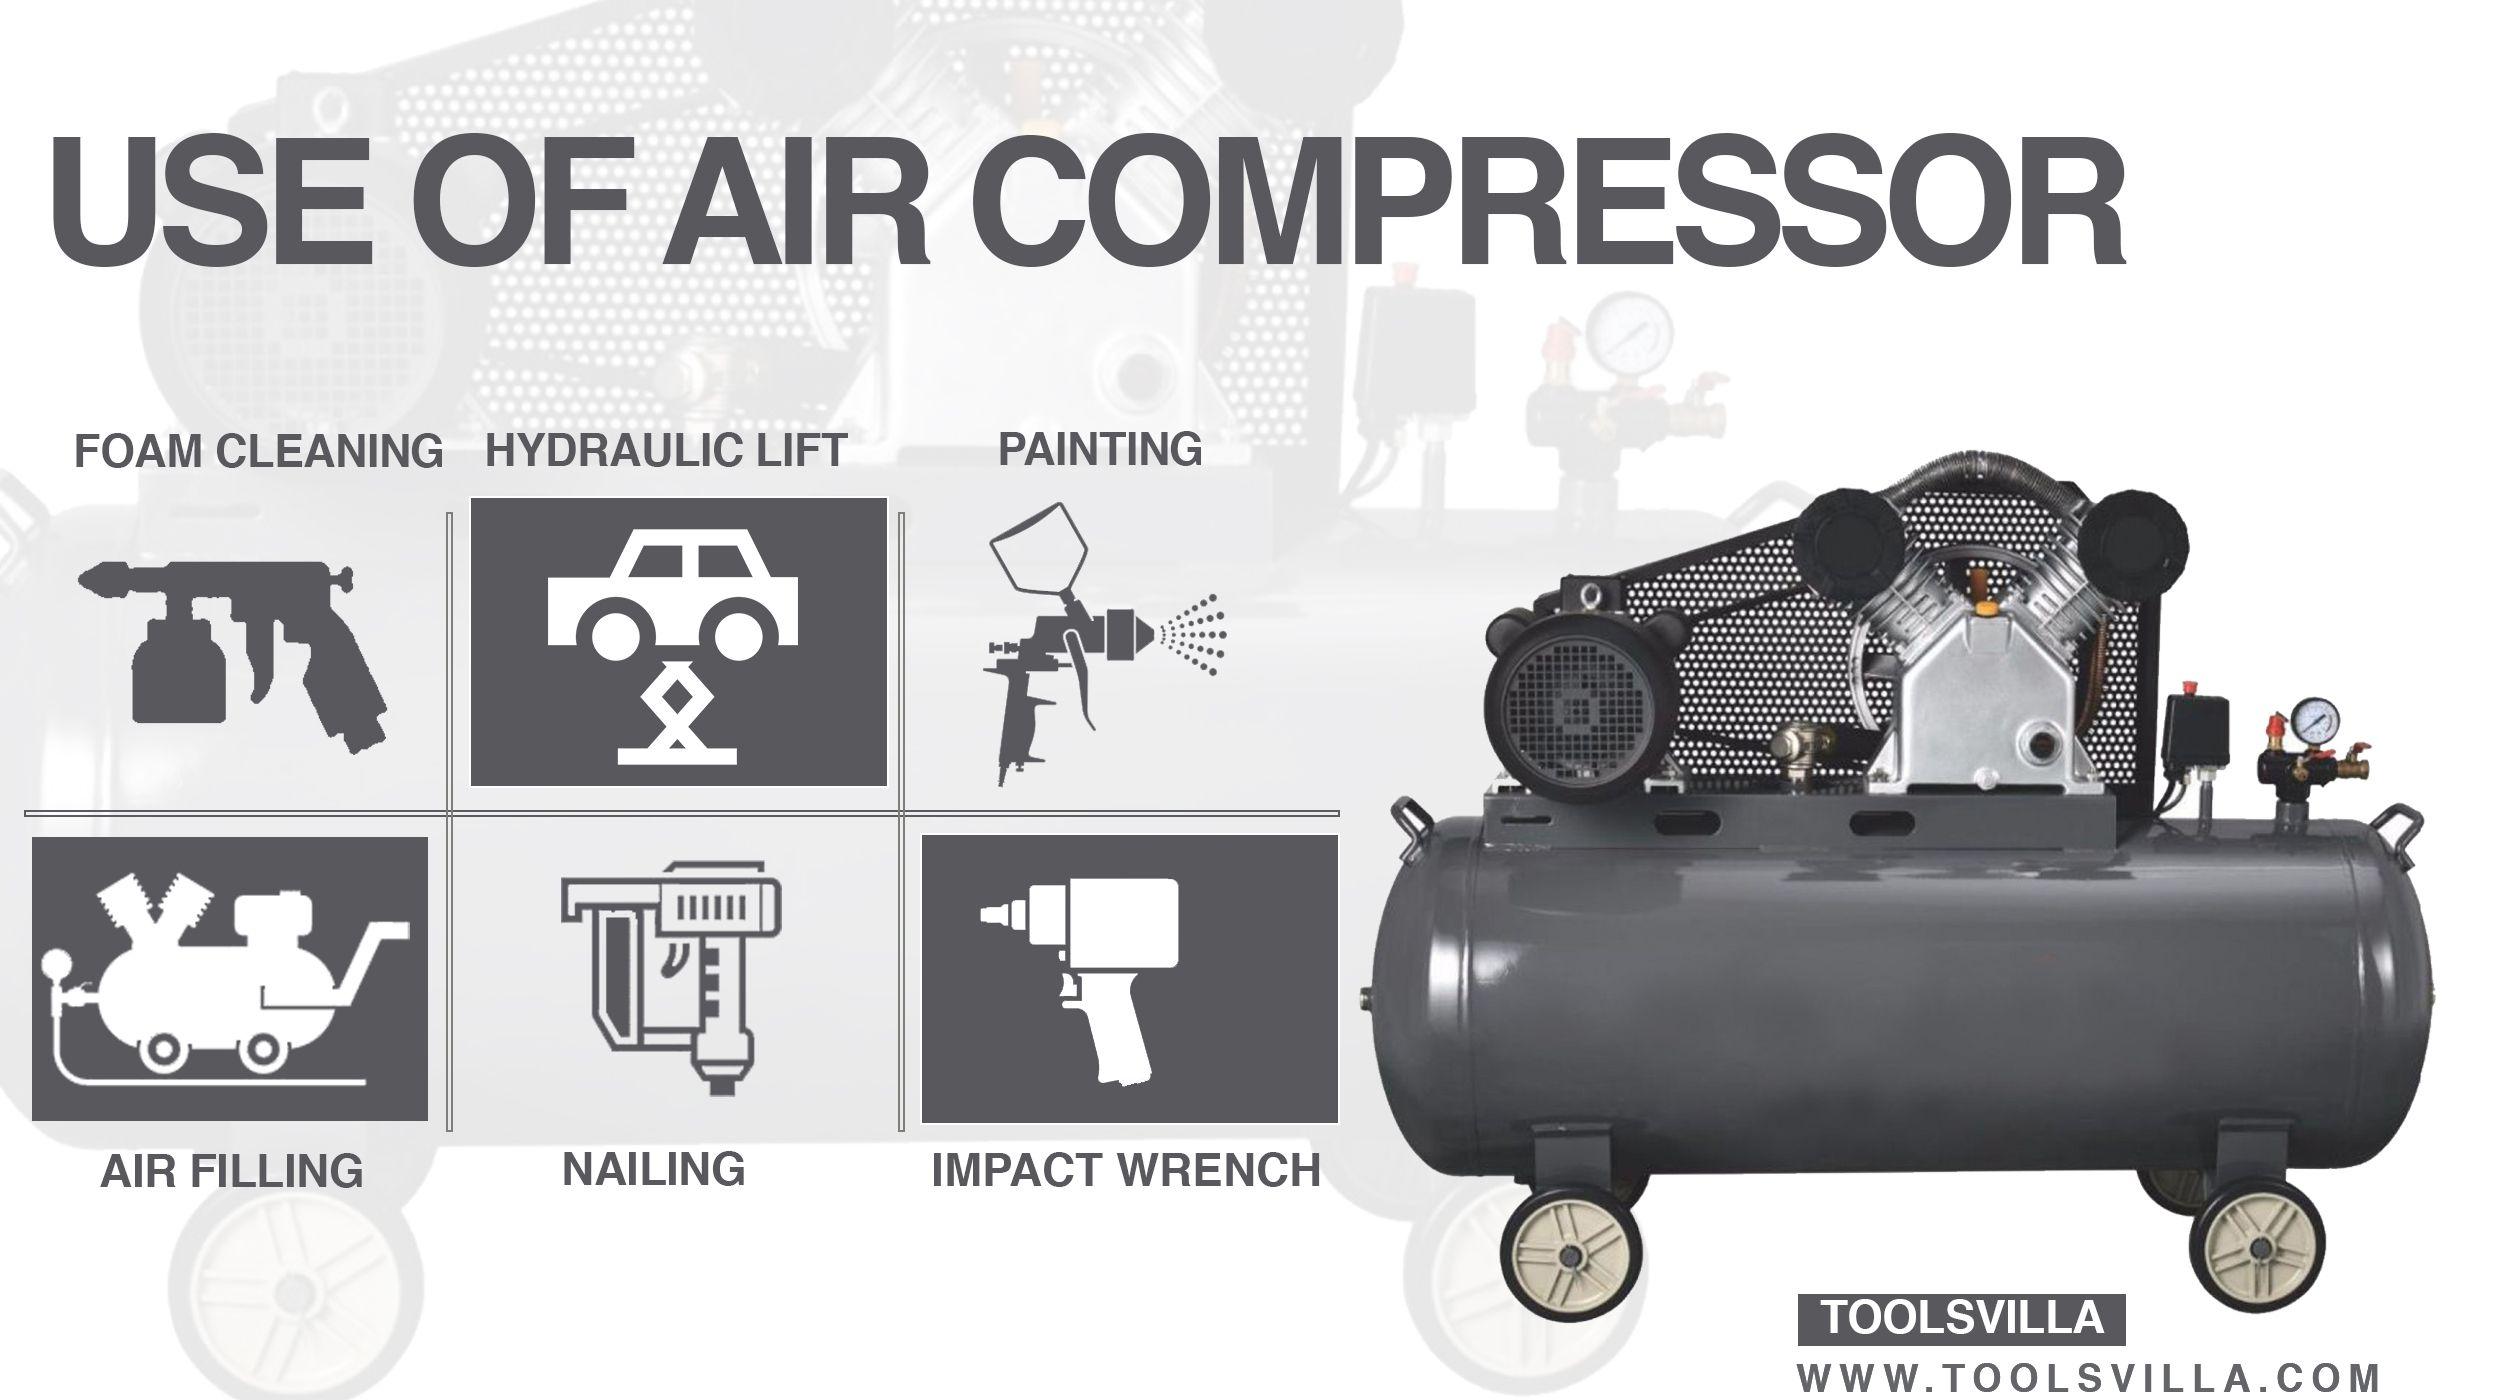 Air Compressor Air compressor, Compressor, Portable air